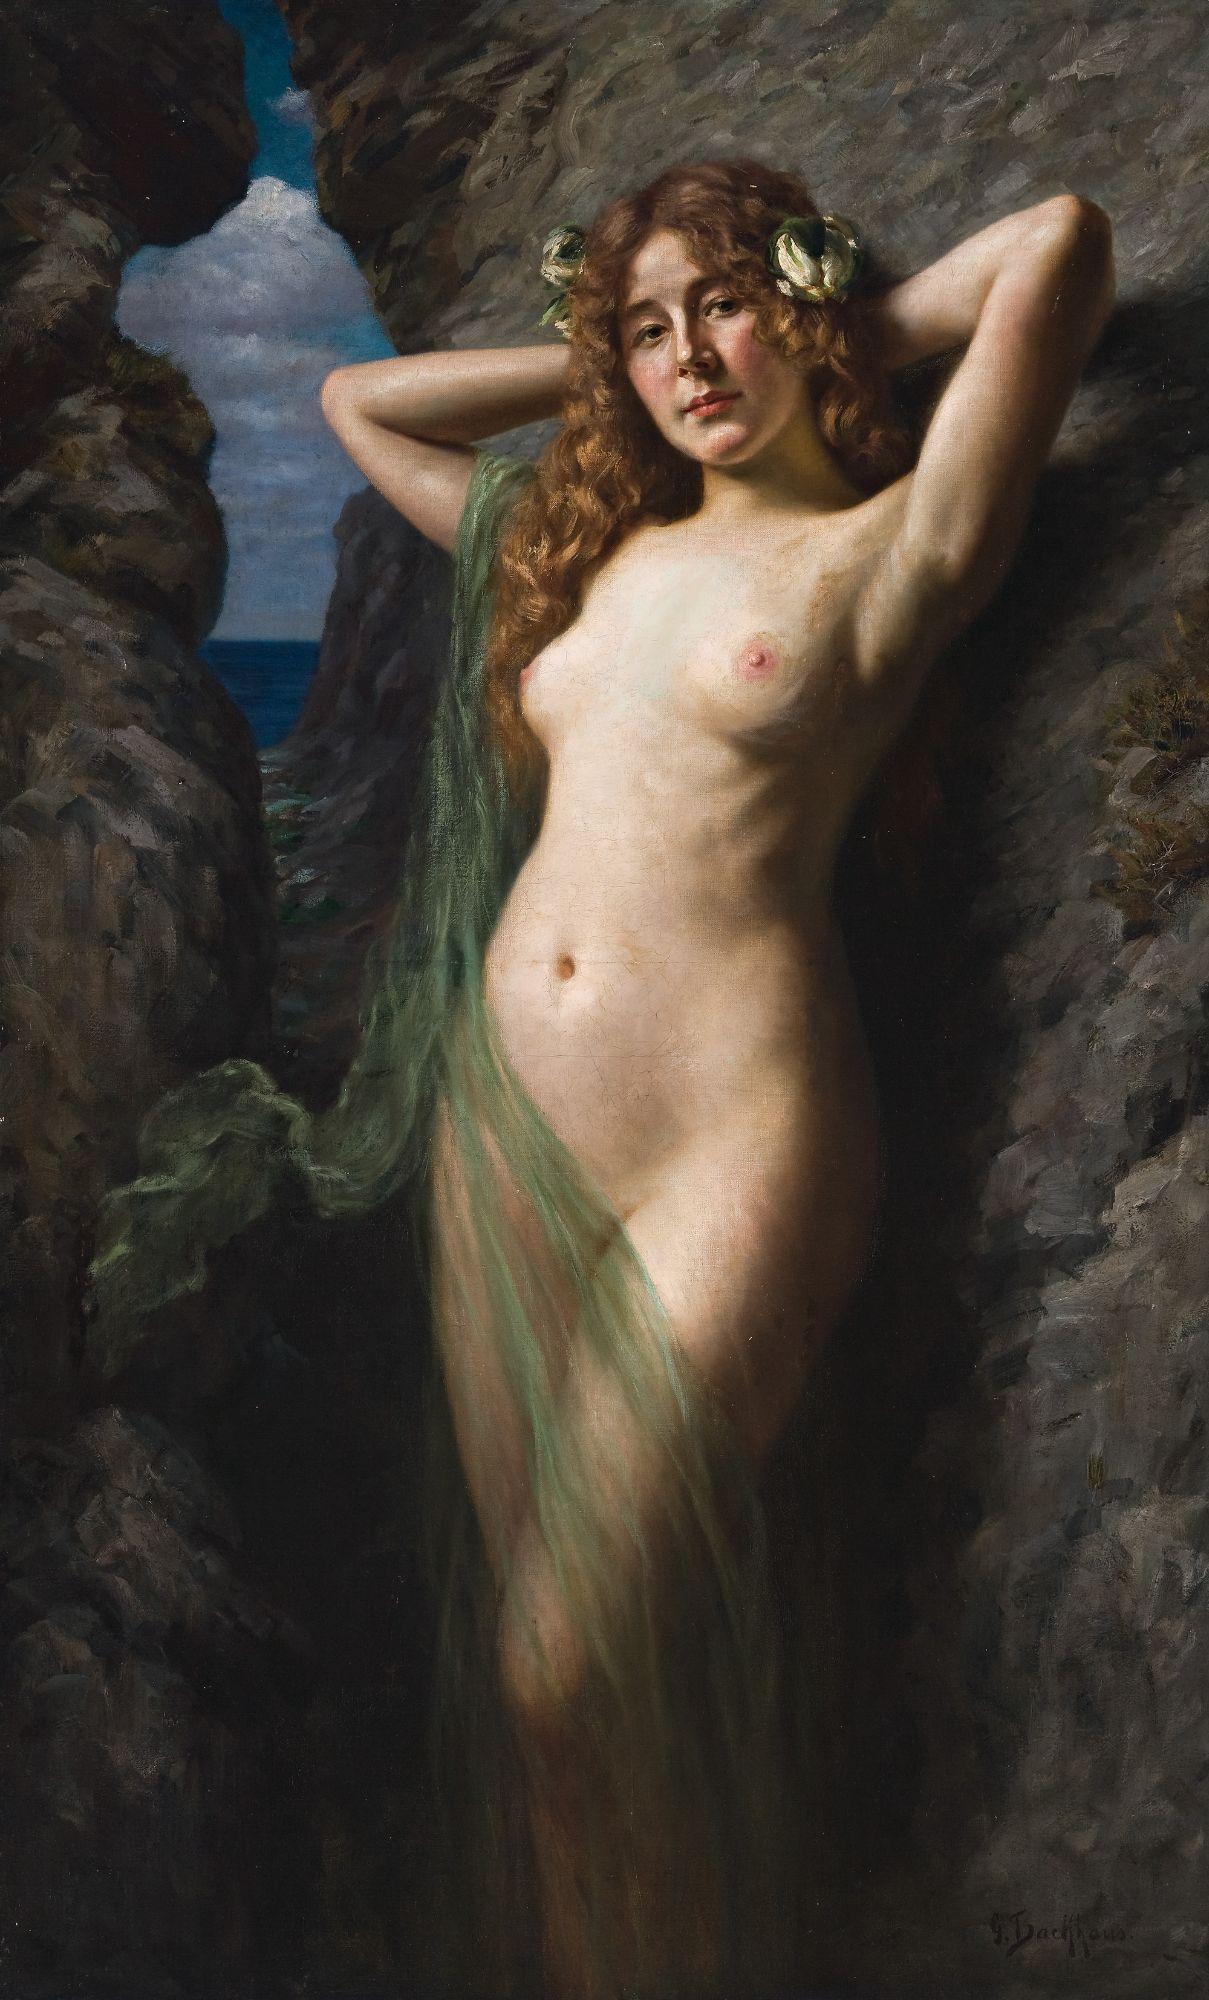 Неизвестный автор. Морская богиня. 150 х 92 см